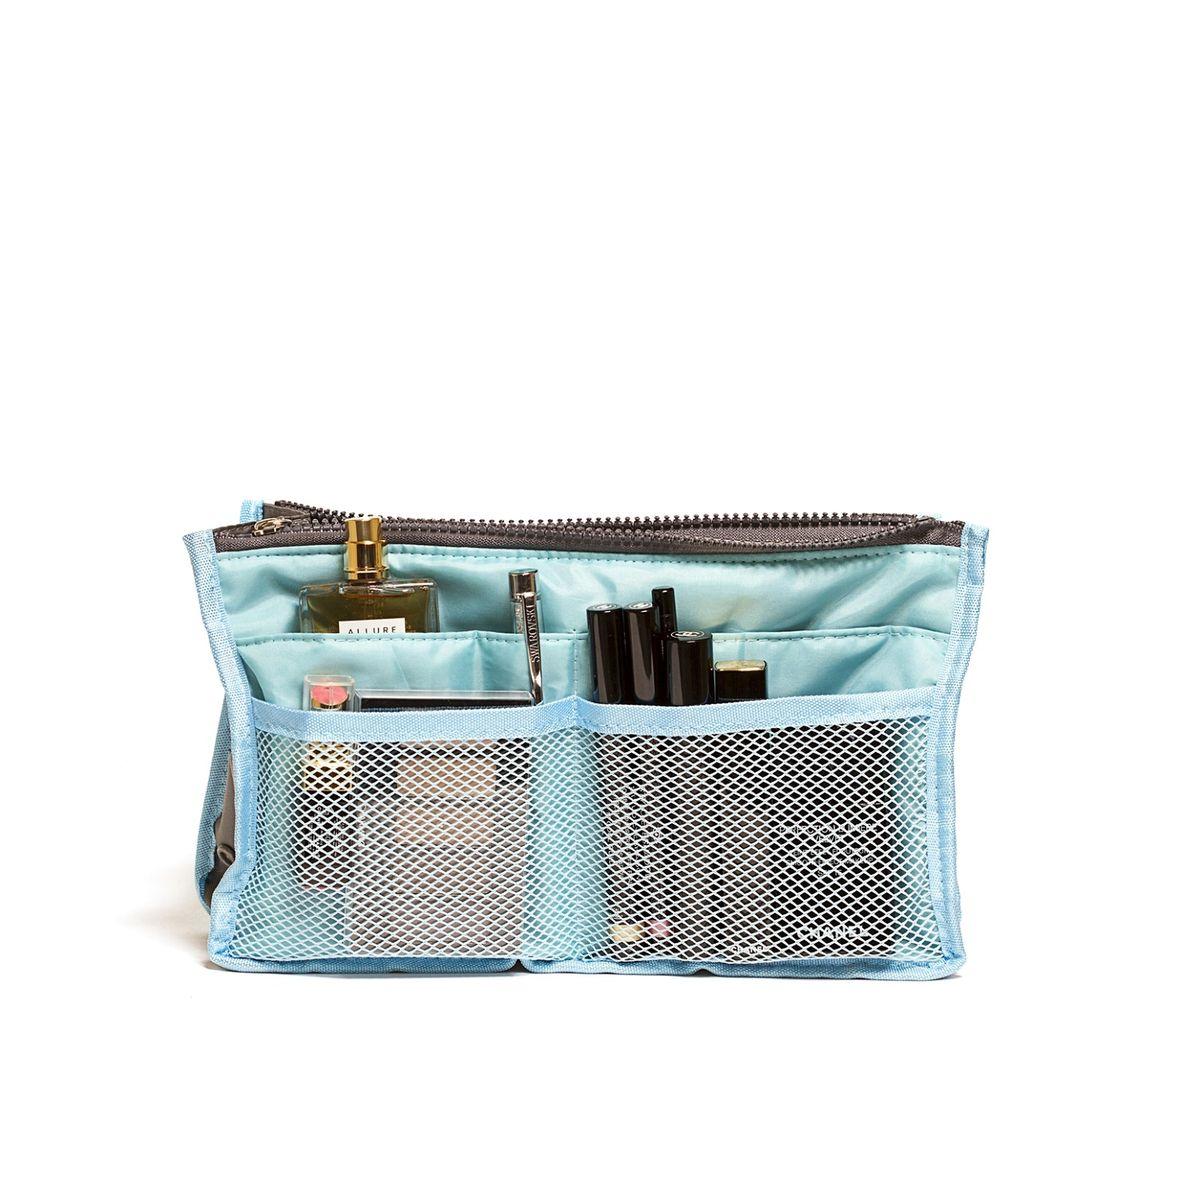 Органайзер для сумки Homsu, цвет: голубой, 30 x 8,5 x 18,5 смHOM-344Органайзер для сумки Homsu выполнен из полиэстера и текстиля. Этот органайзер для сумки имеет три вместительных отделениях для вещей, четыре кармашка по бокам и шесть кармашков в виде сетки. Такой органайзер обеспечит полный порядок в вашей сумке. Данный аксессуар обладает быстрой регулировкой толщины с помощью кнопок. Органайзер оснащен двумя крепкими ручками, что позволяет применять его и вне сумки.